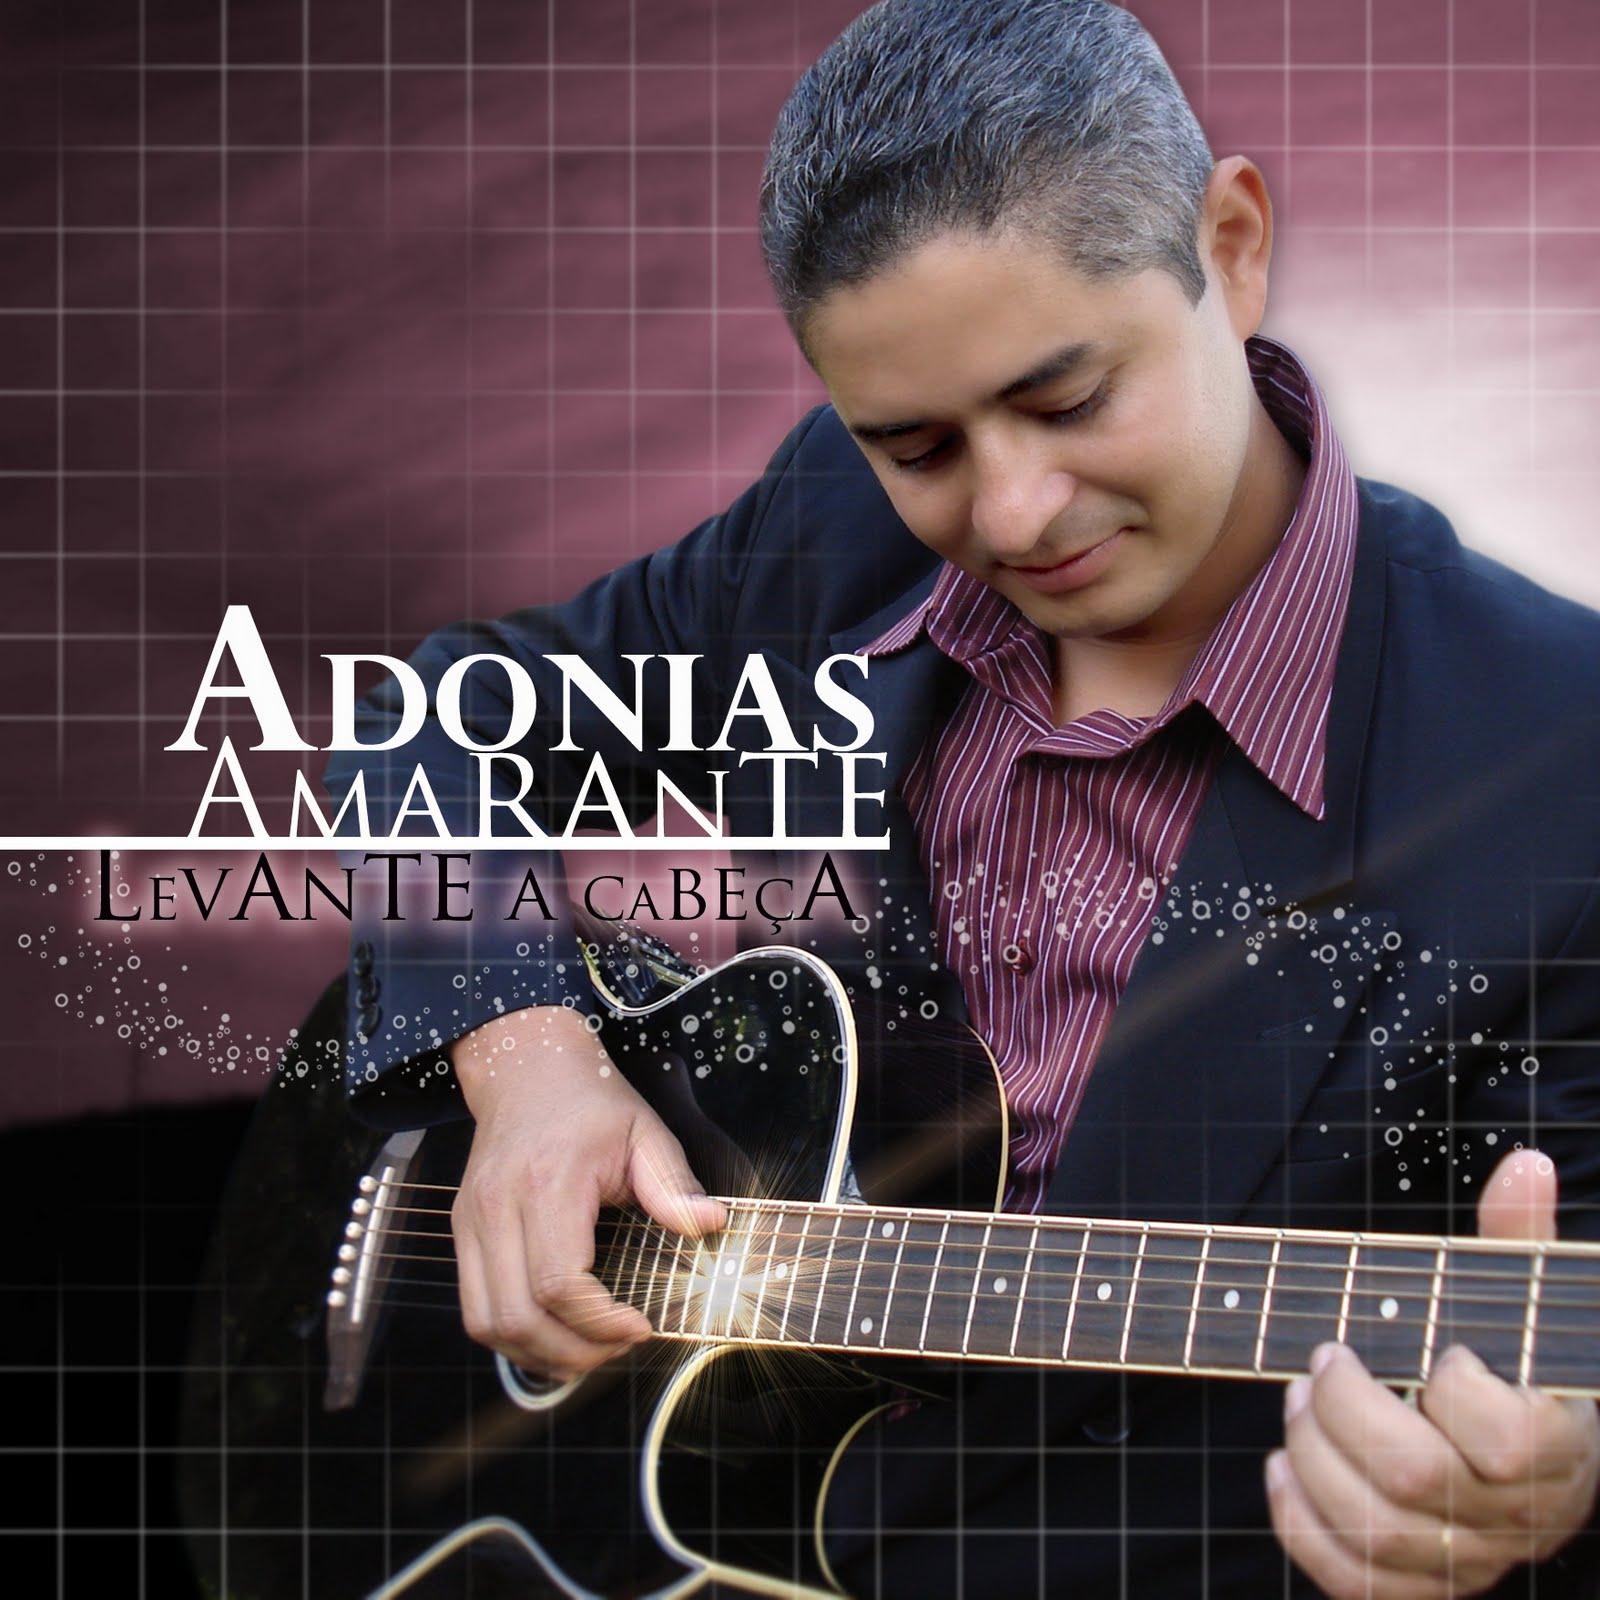 Adonias Amarantes - Levante a Cabeça (2010)